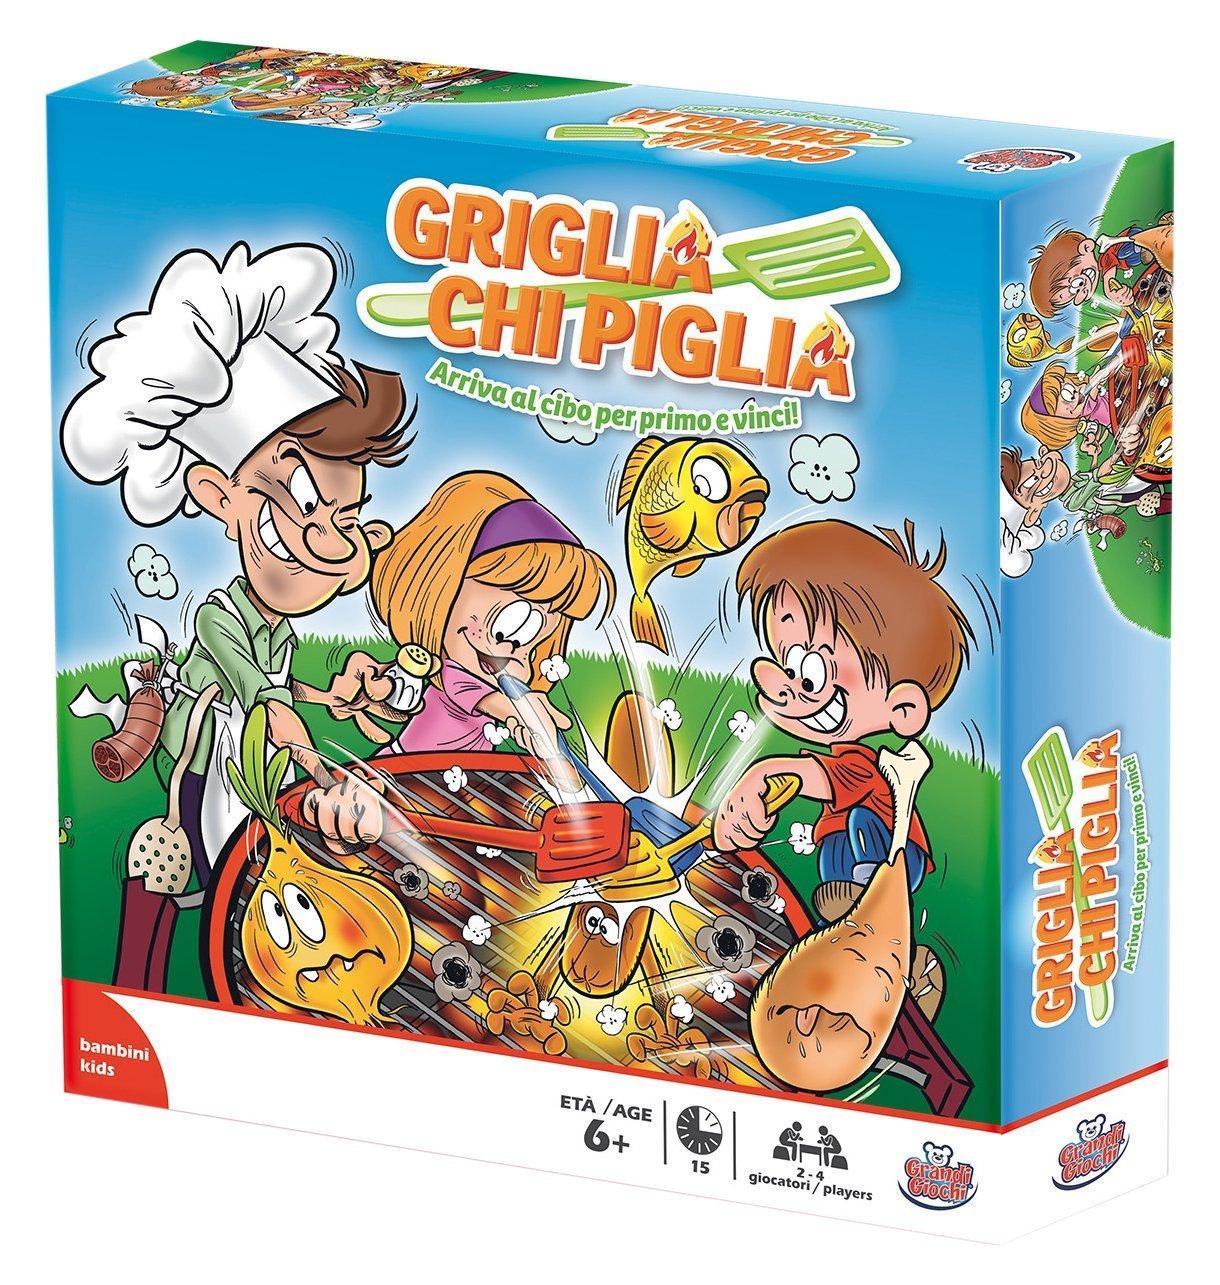 GRIGLIA CHI PIGLIA GG00180 STARTRADE GRANDI GIOCHI